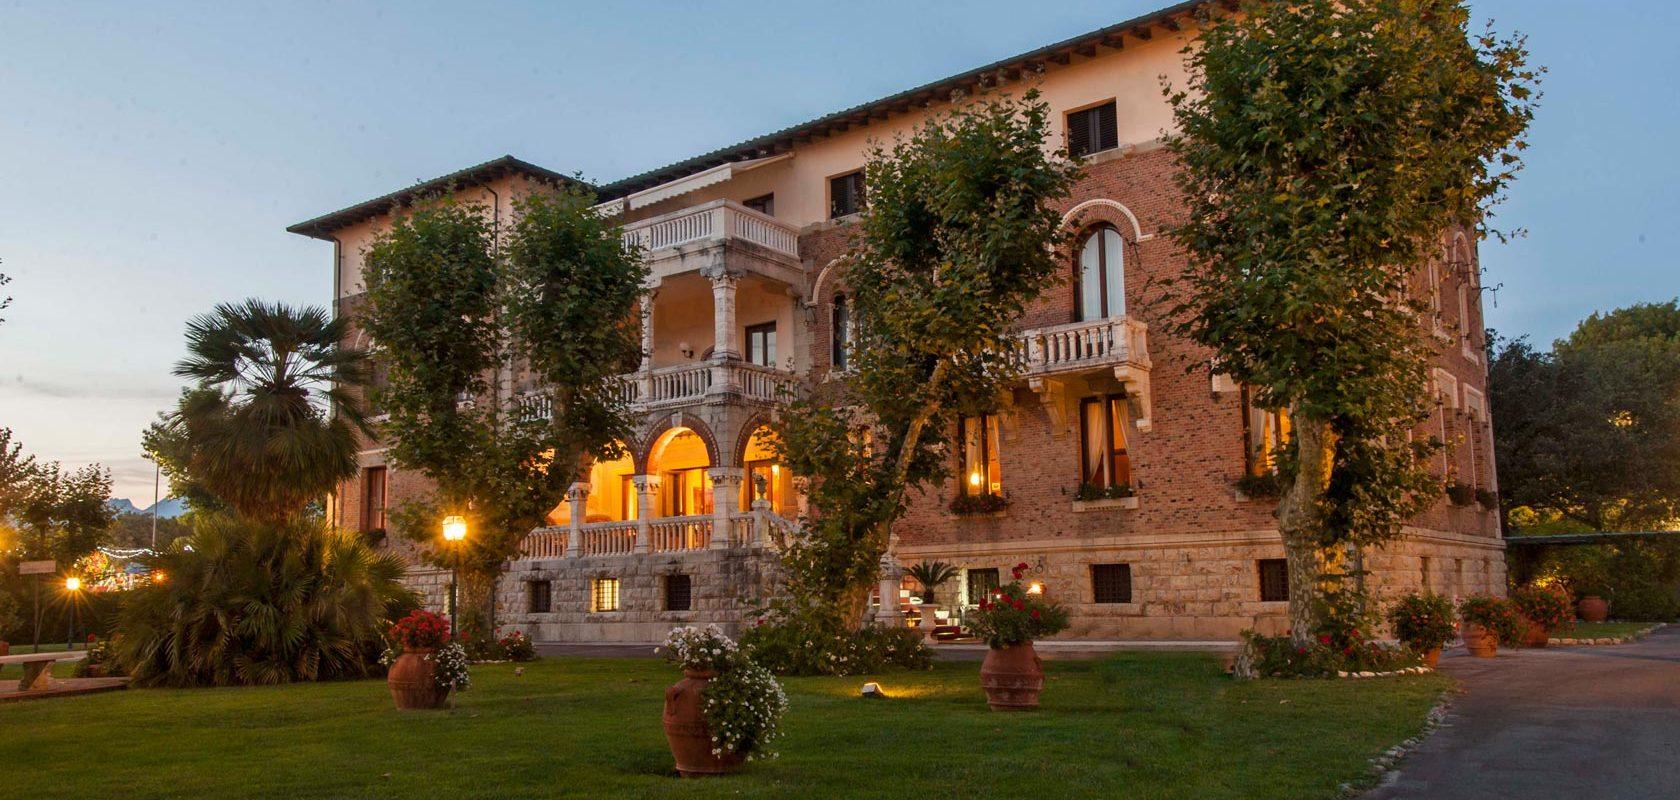 Hotel 4 Stelle Superior Lido Di Camaiore Versilia Villa Ariston